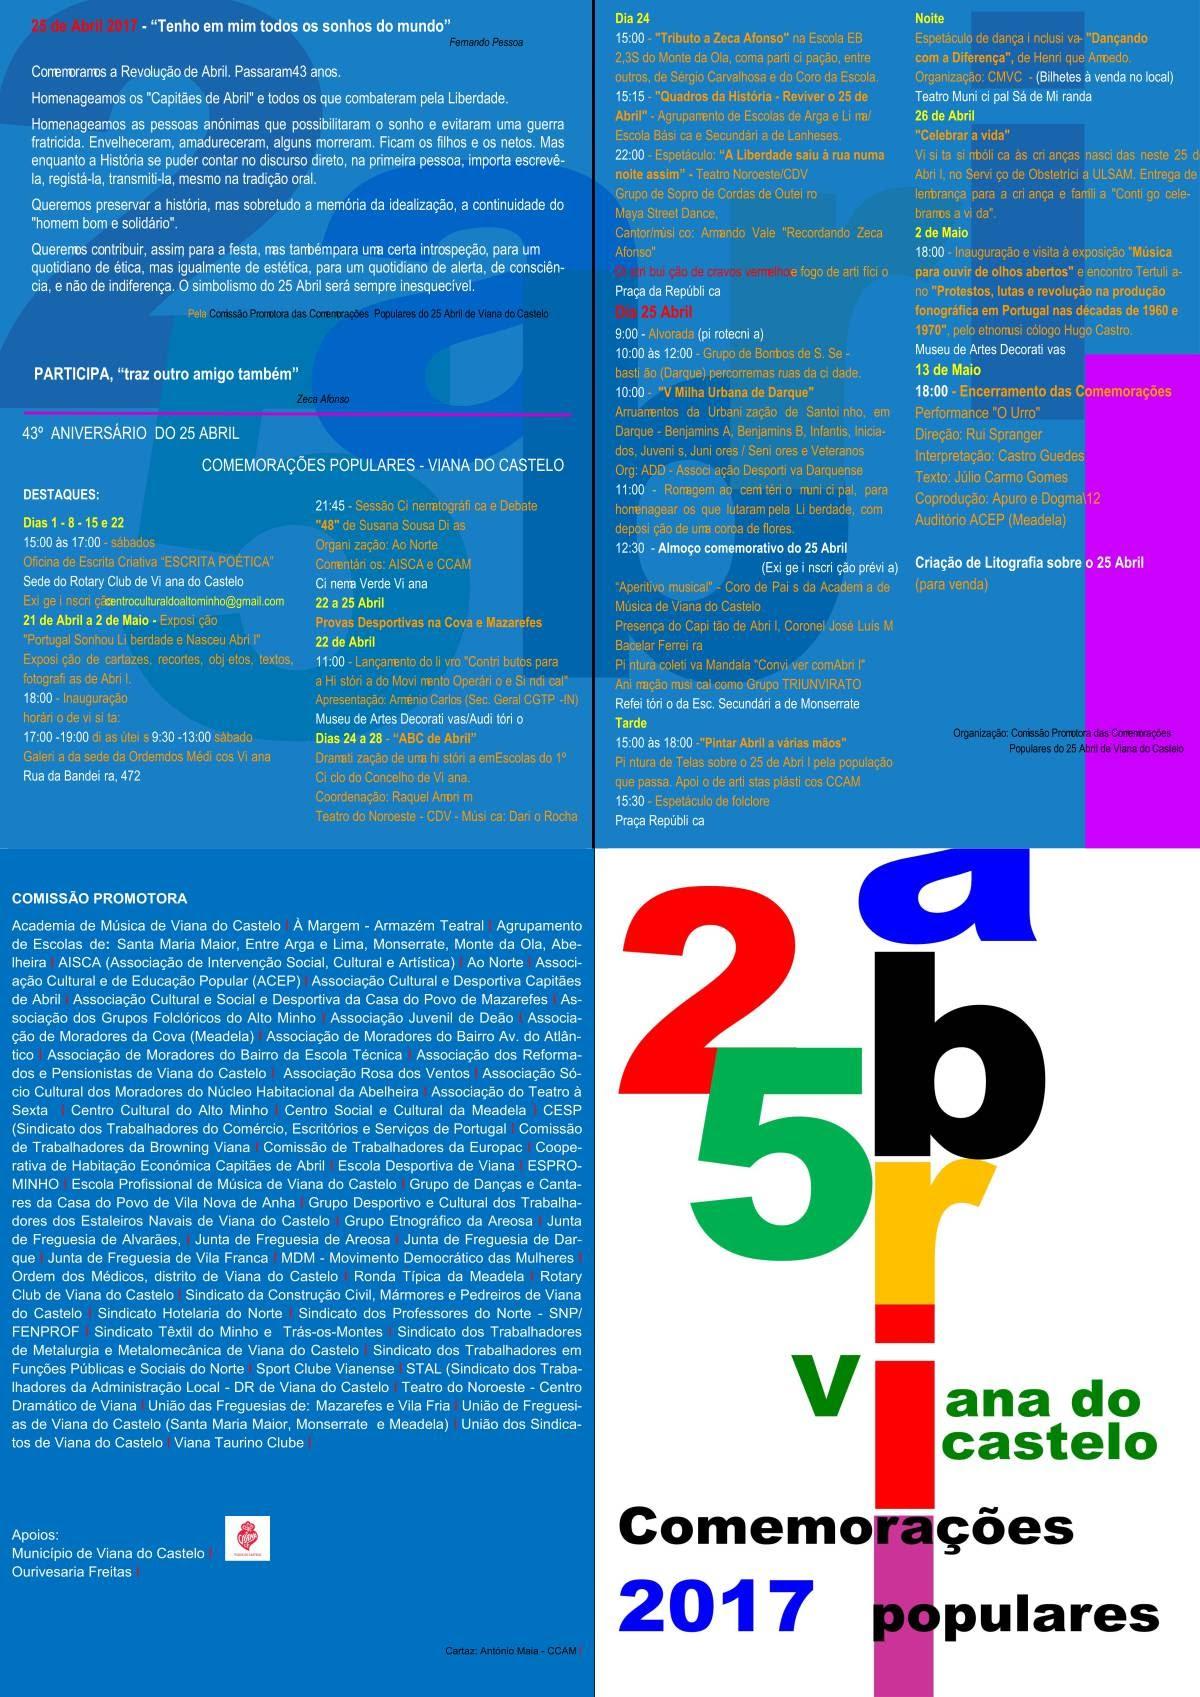 https://sites.google.com/a/centroculturaldoaltominho.org/ccam/actividades-realizadas/2017/realizacoes-actividades/_draft_post/FINAL25%20ABR%20PROG3.jpg